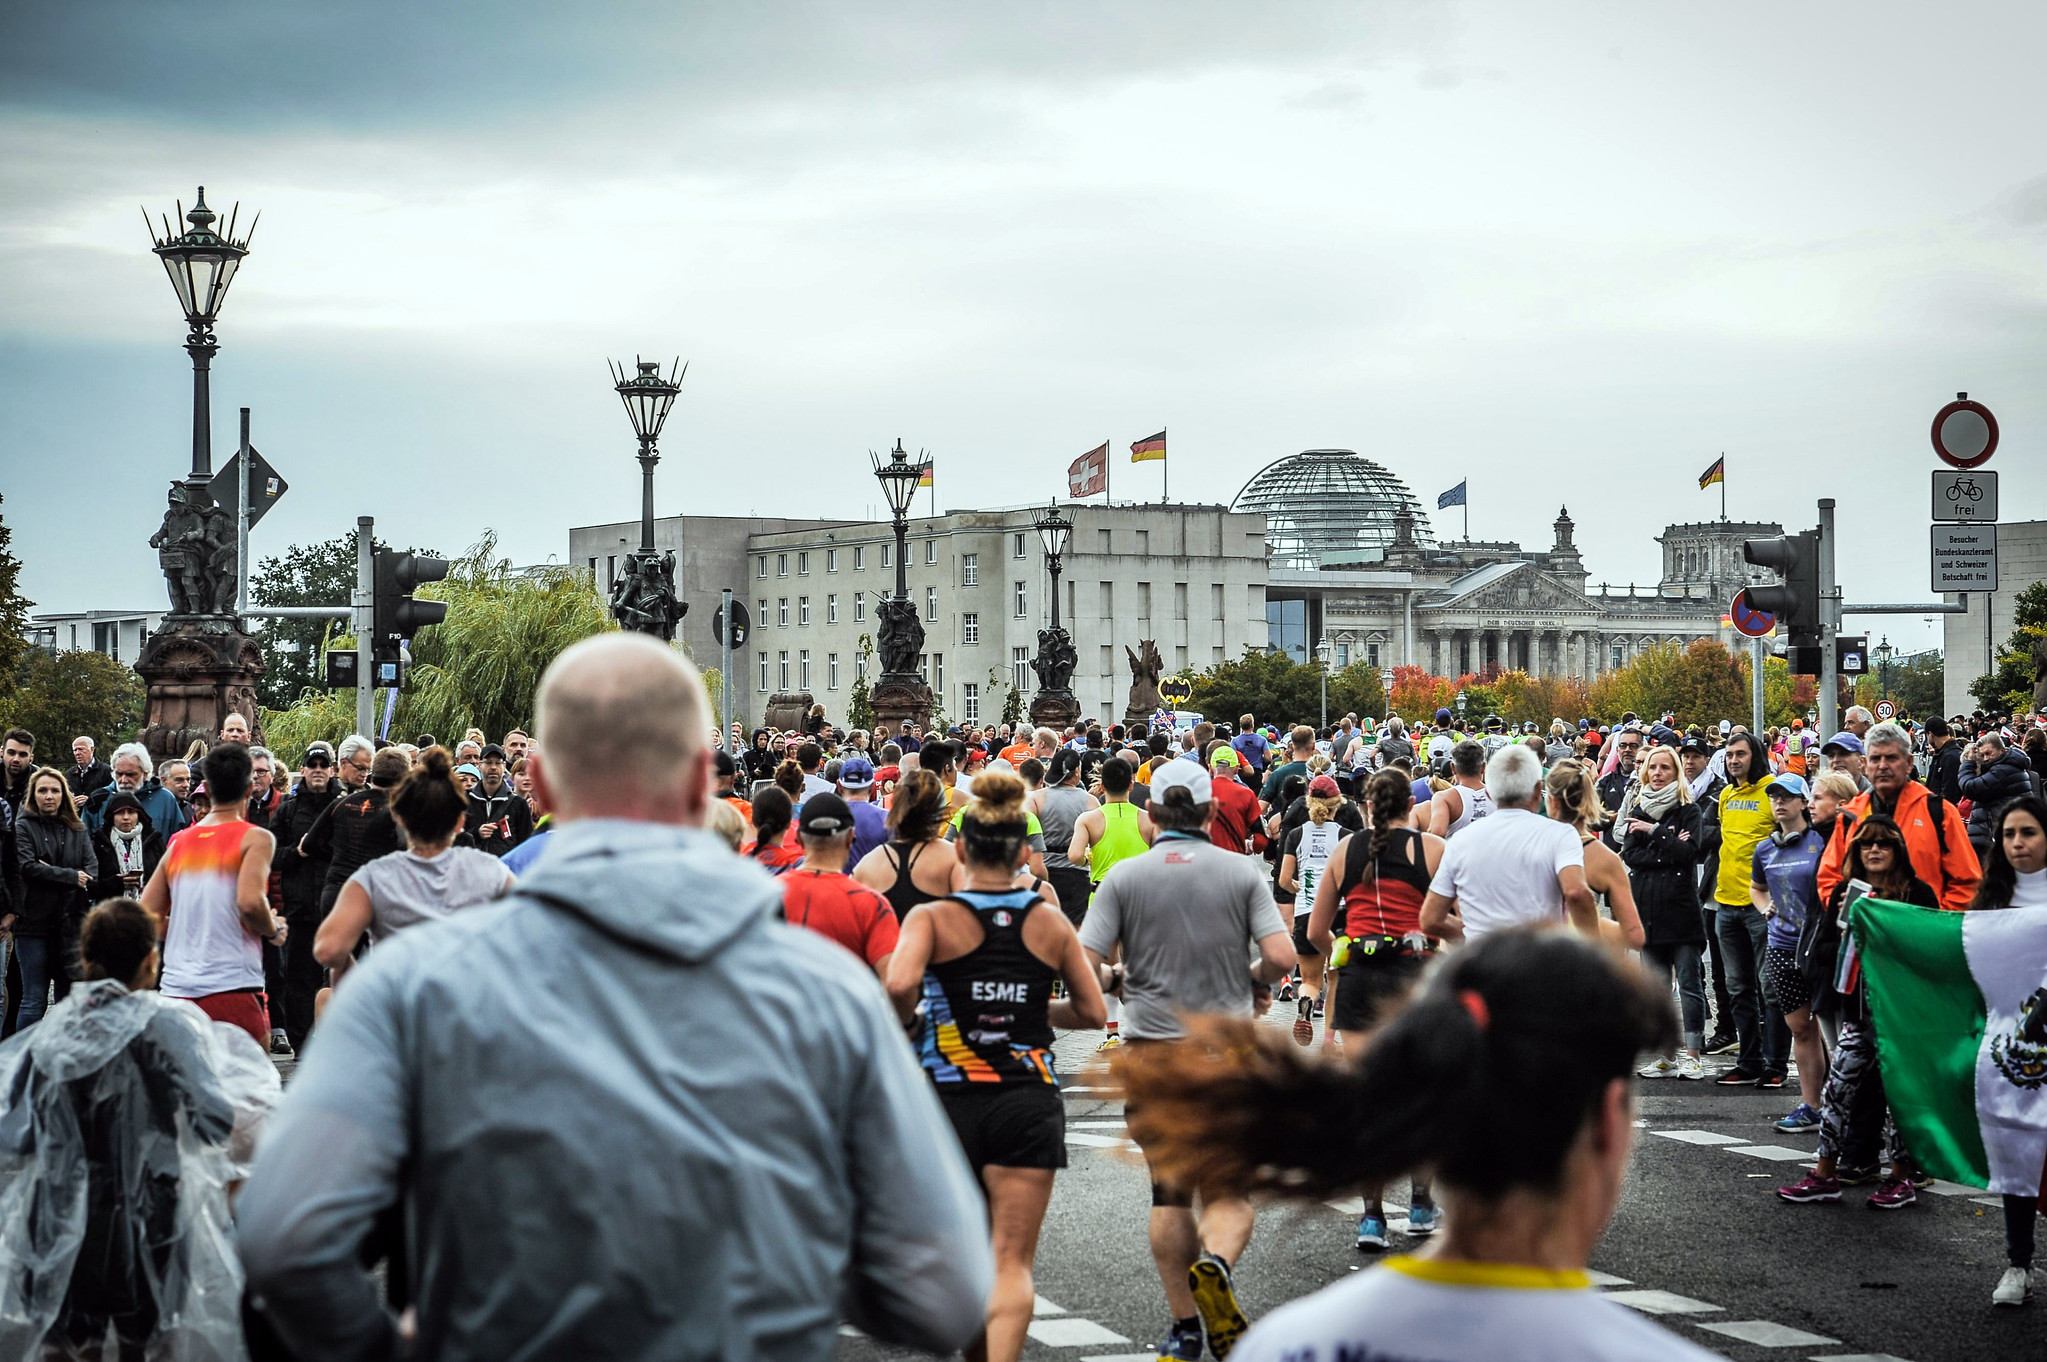 Correr el Maratón de Berlín - Berlin Marathon fotos photos - thewotme maratón de berlín - 49039073986 d7527d01f3 k - Correr el Maratón de Berlín: Análisis, recorrido, entrenamiento e inscripciones